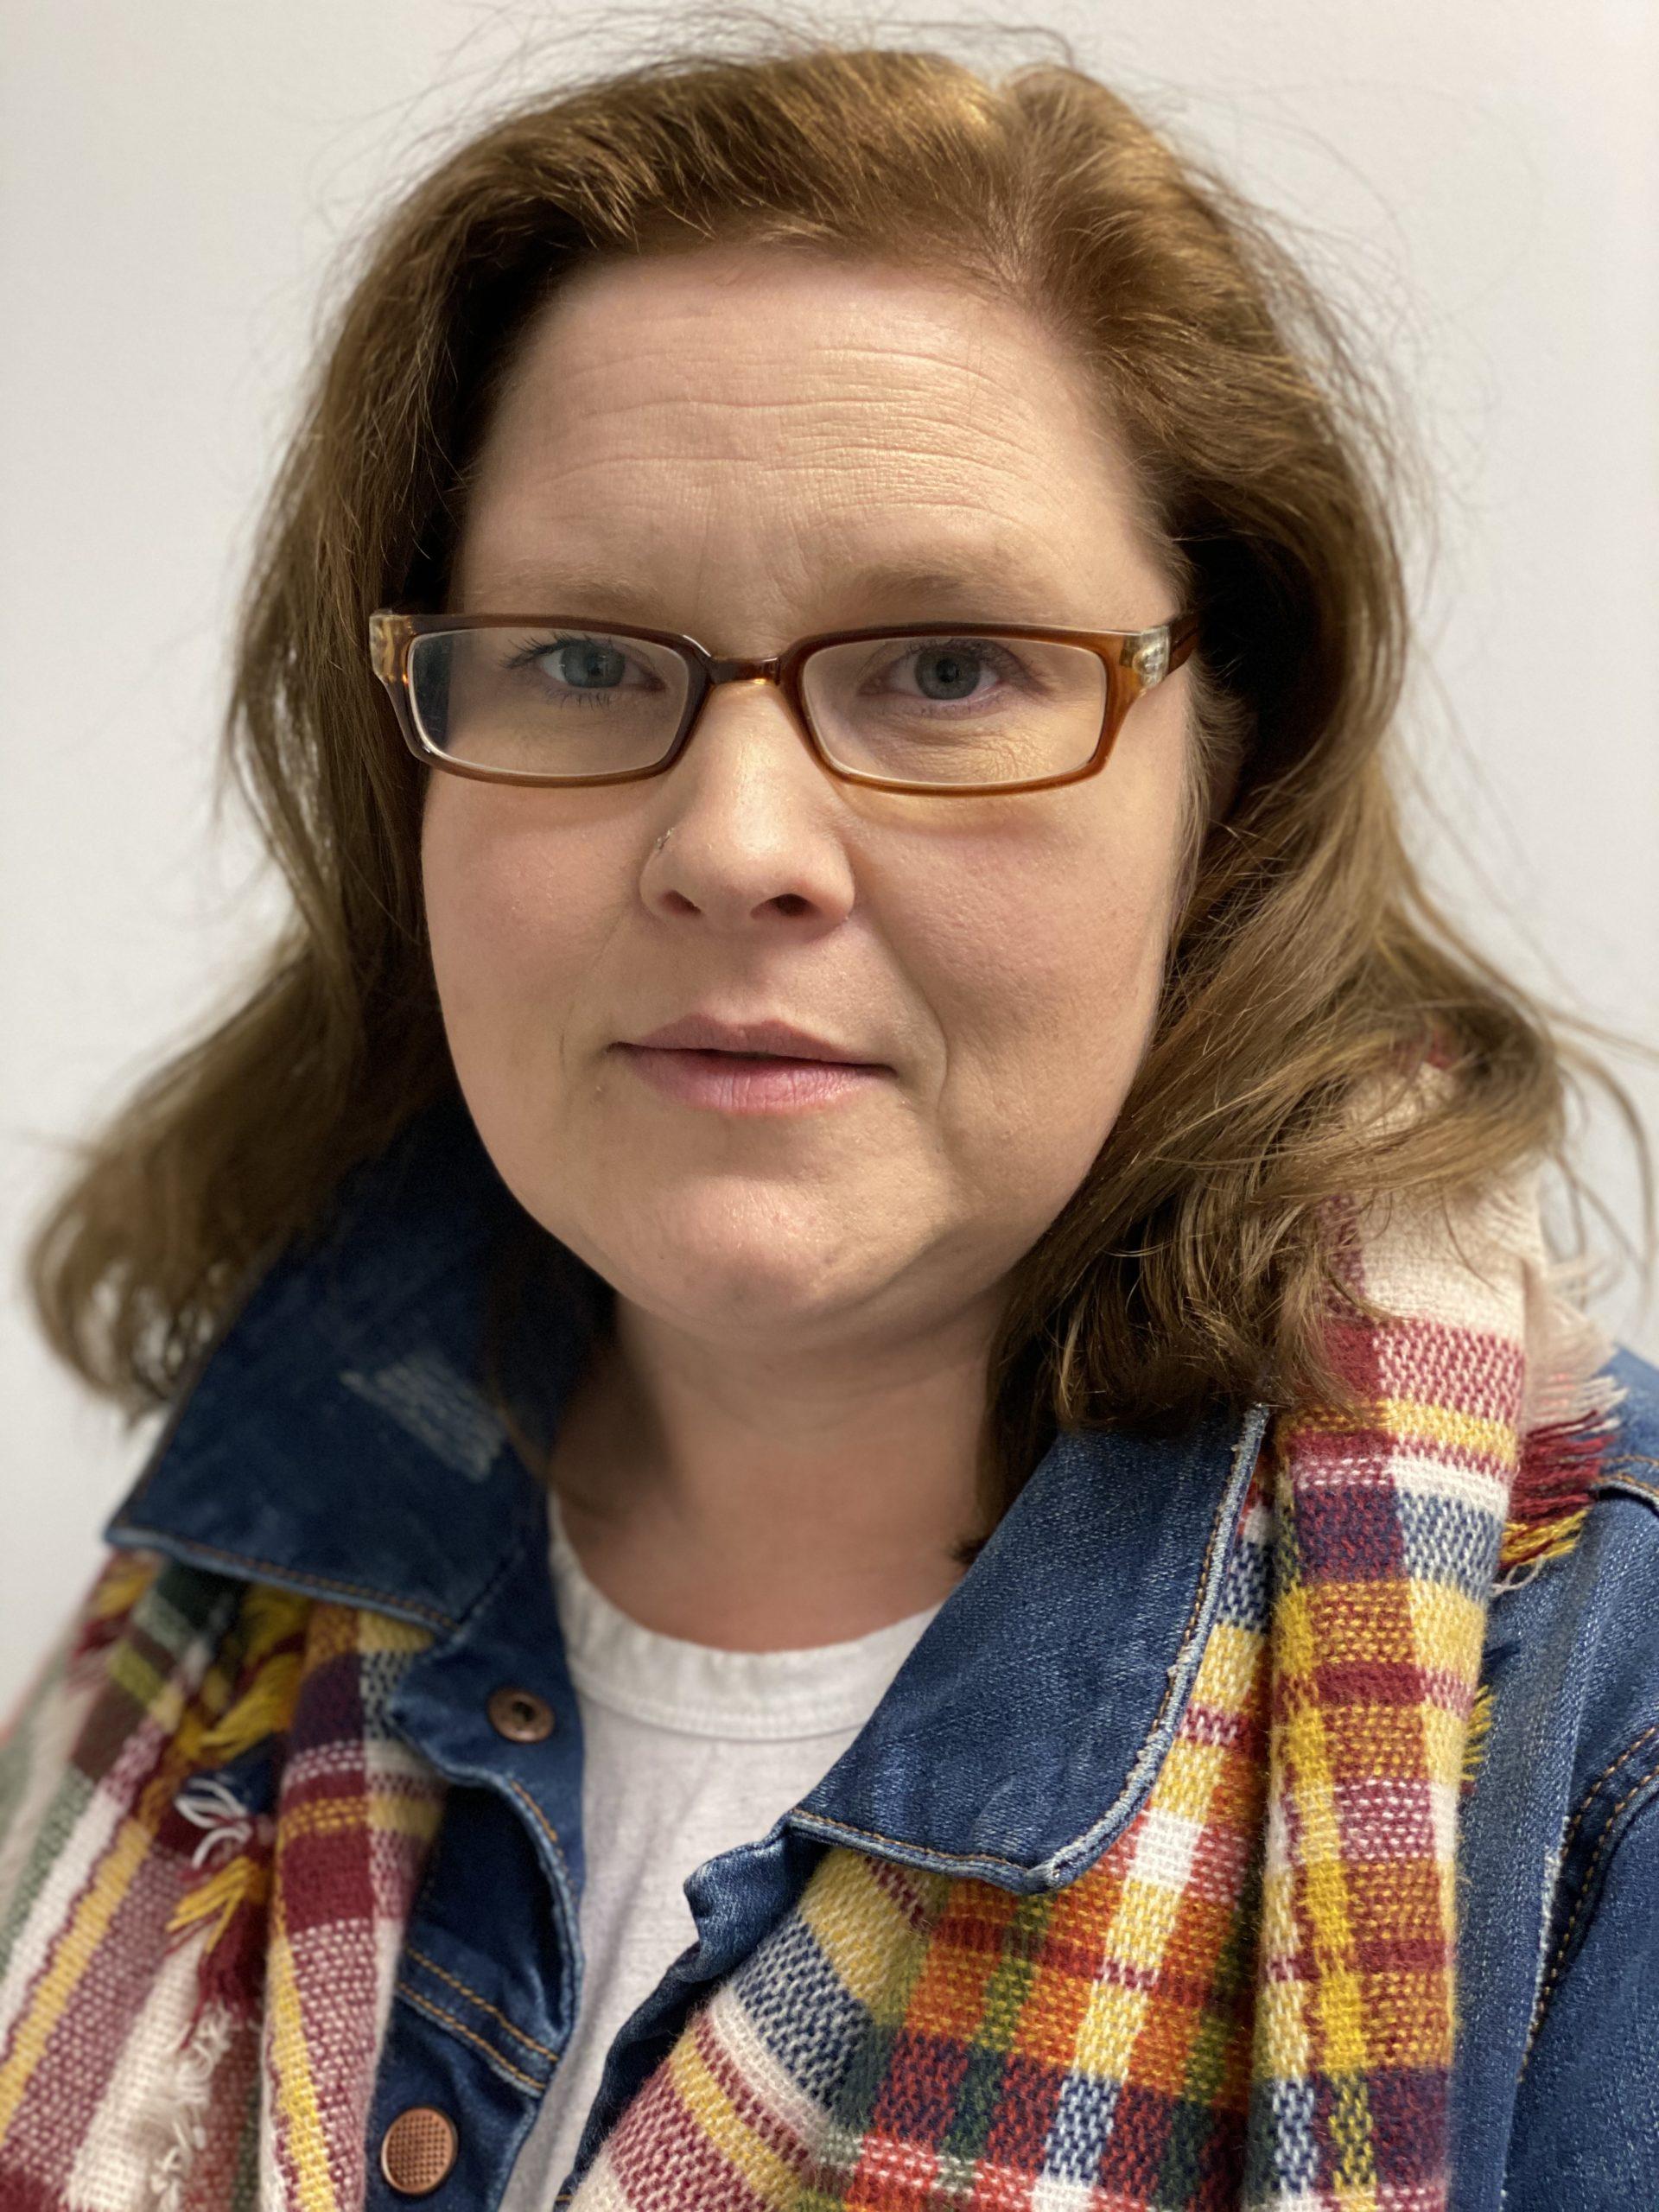 Jenifer Shadrick